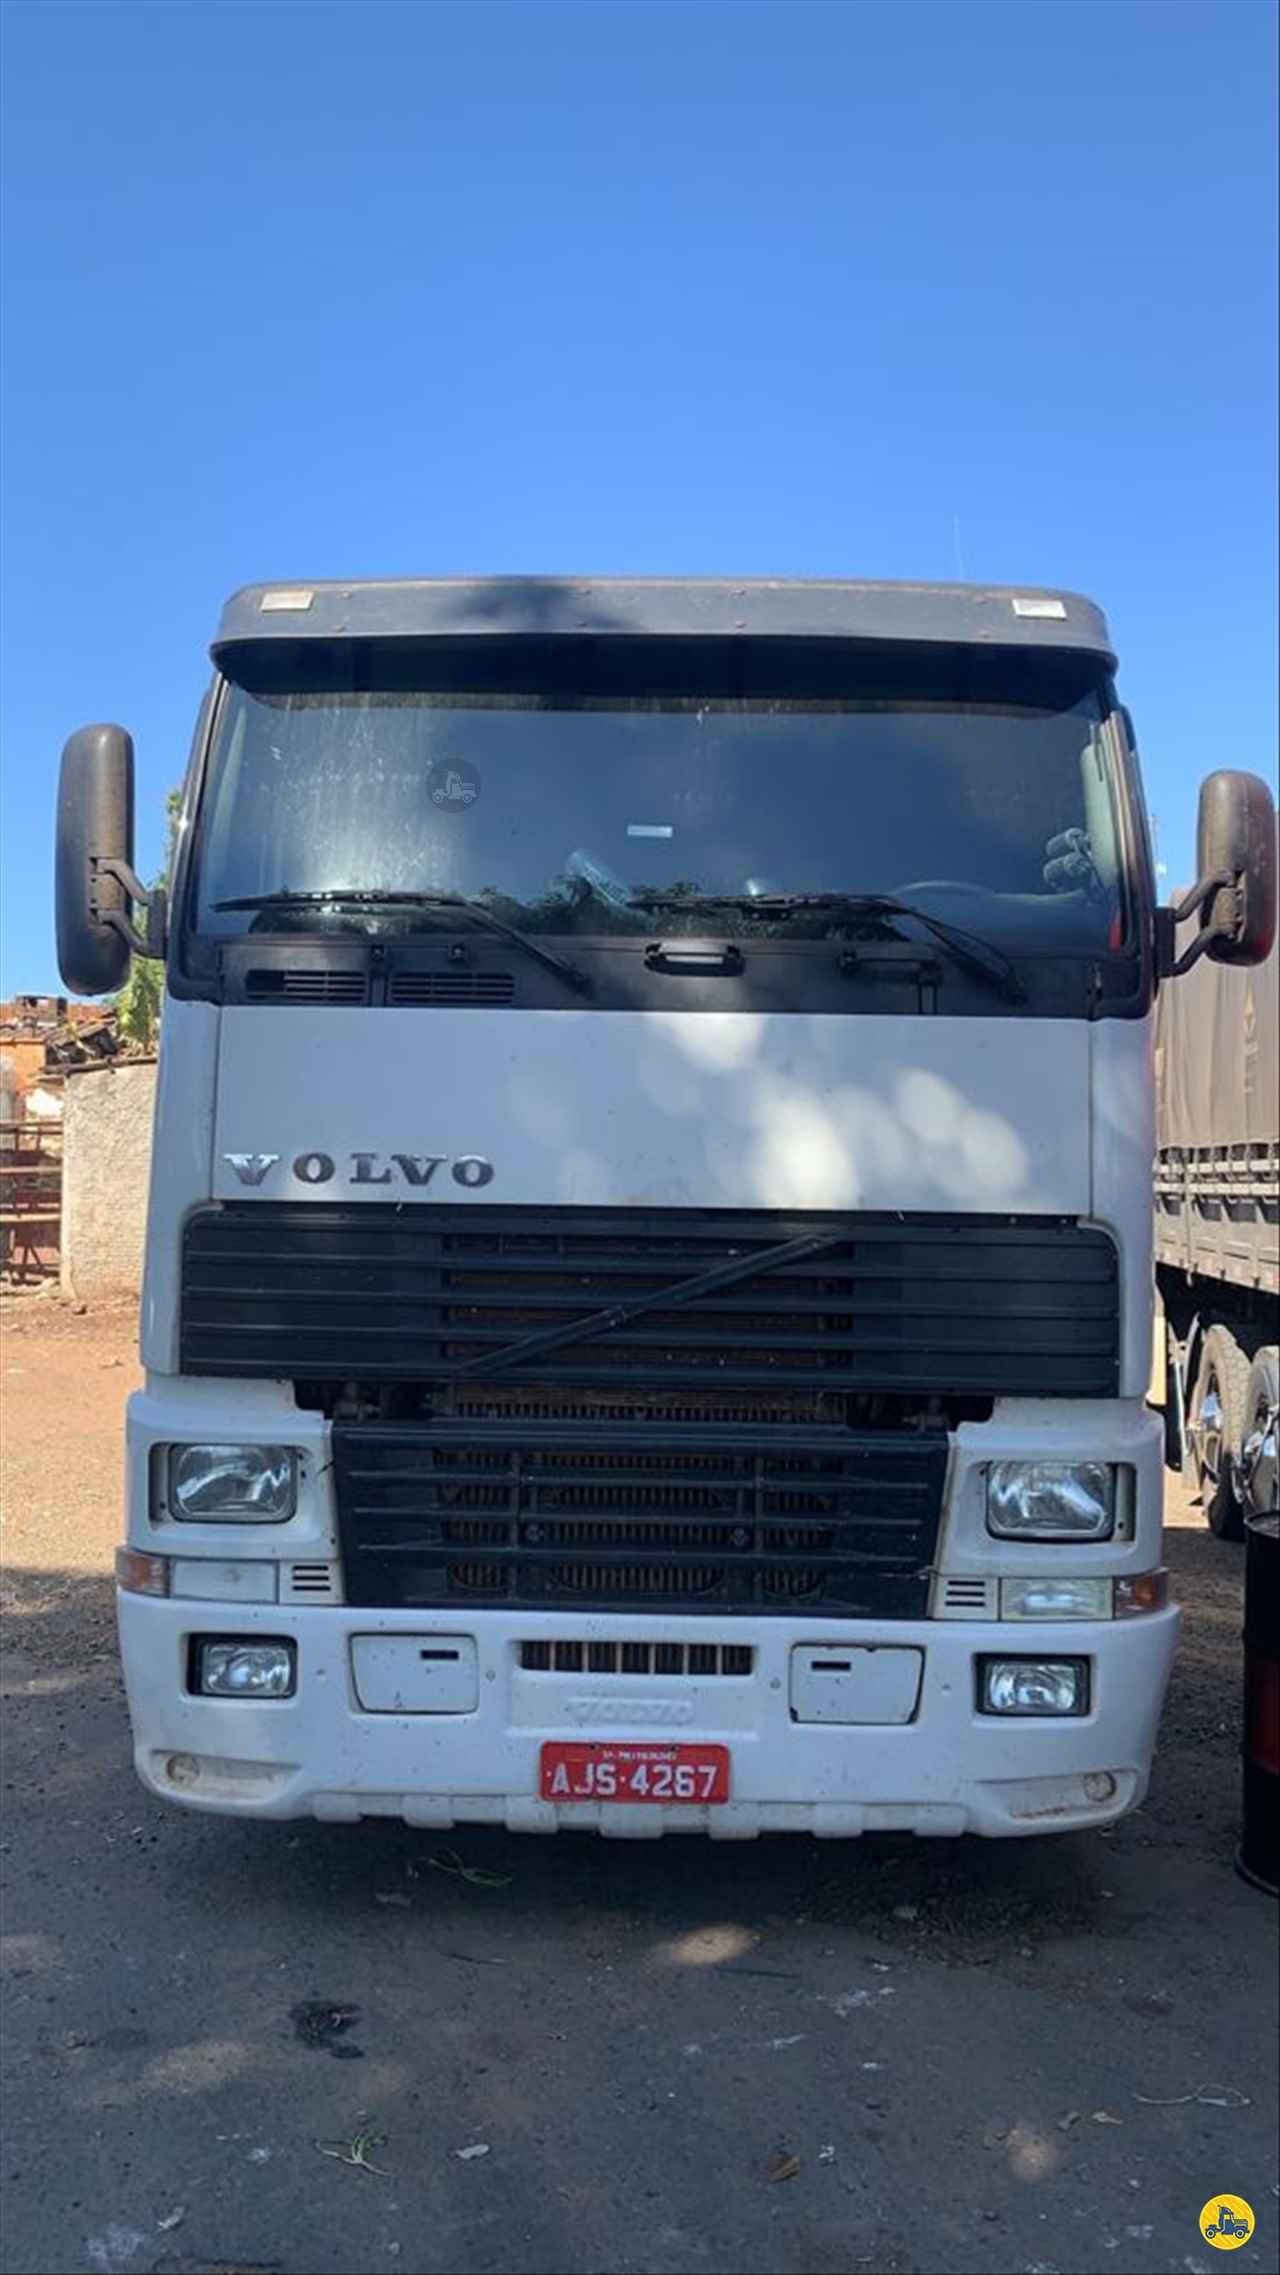 VOLVO FH12 380 de Transportadora Tuon - PIRASSUNUNGA/SP